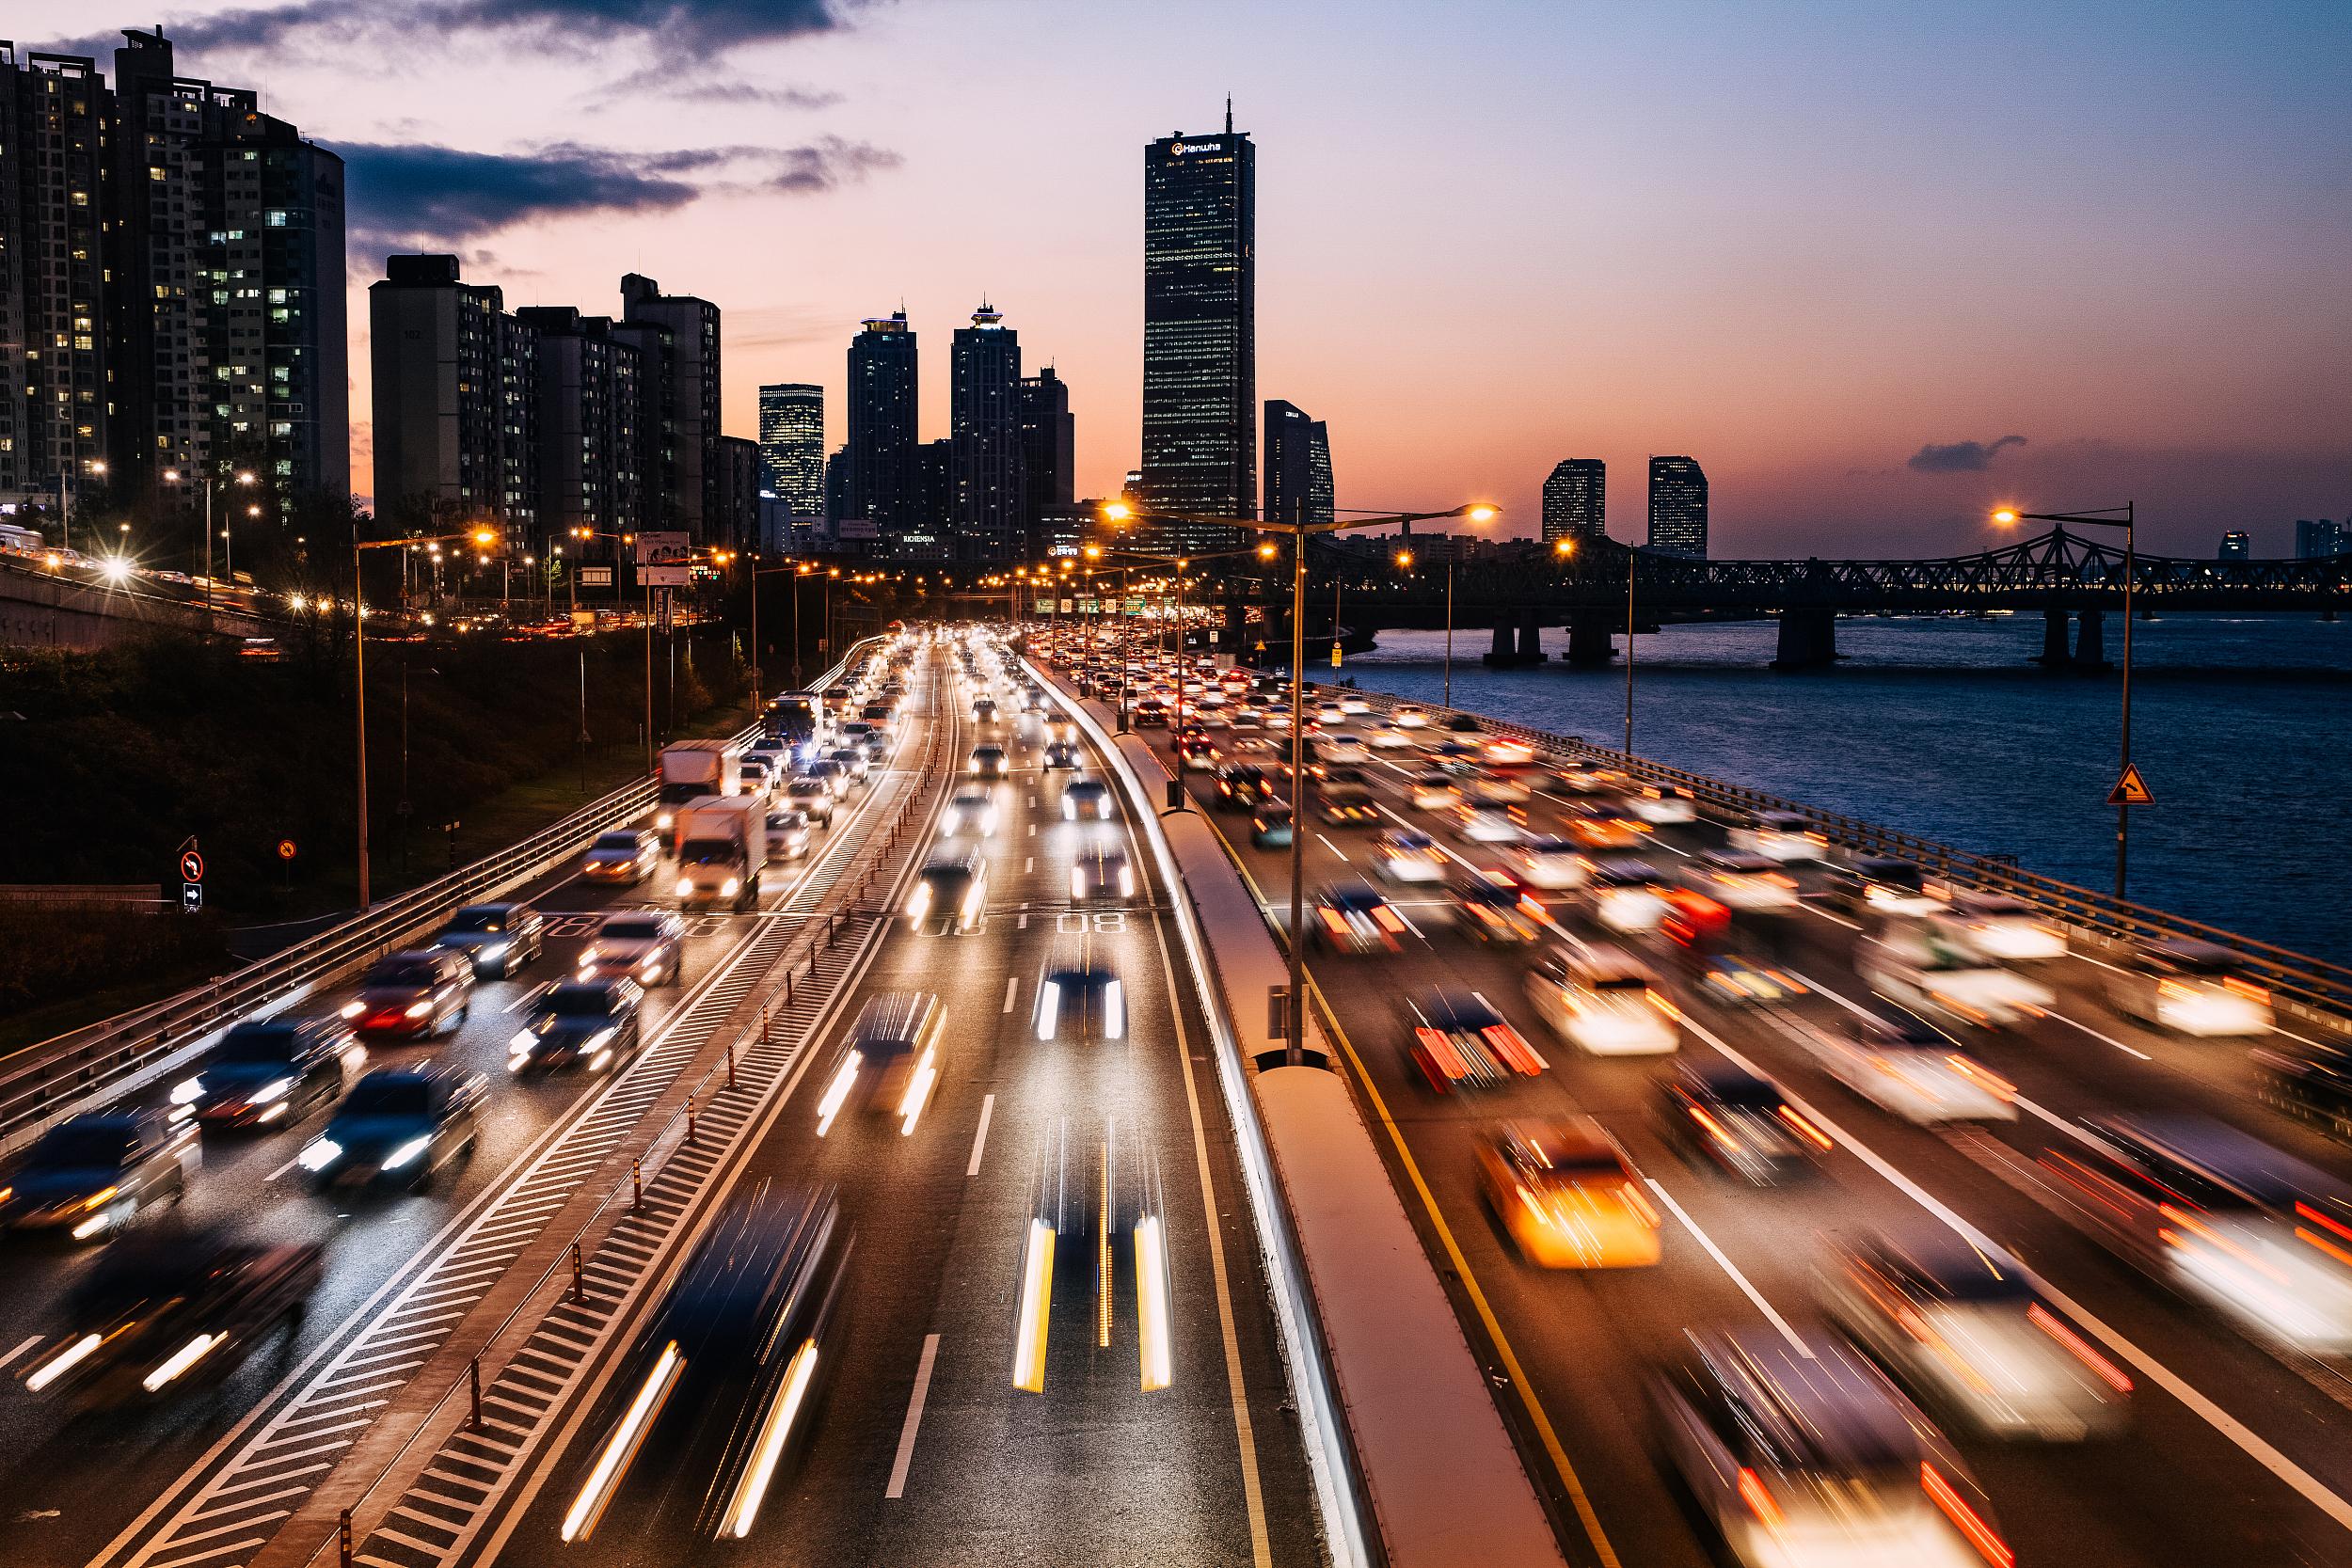 中汽协:9月乘用车销量比上月呈明显增长,新能源乘用车市场渗透率达到19.5%